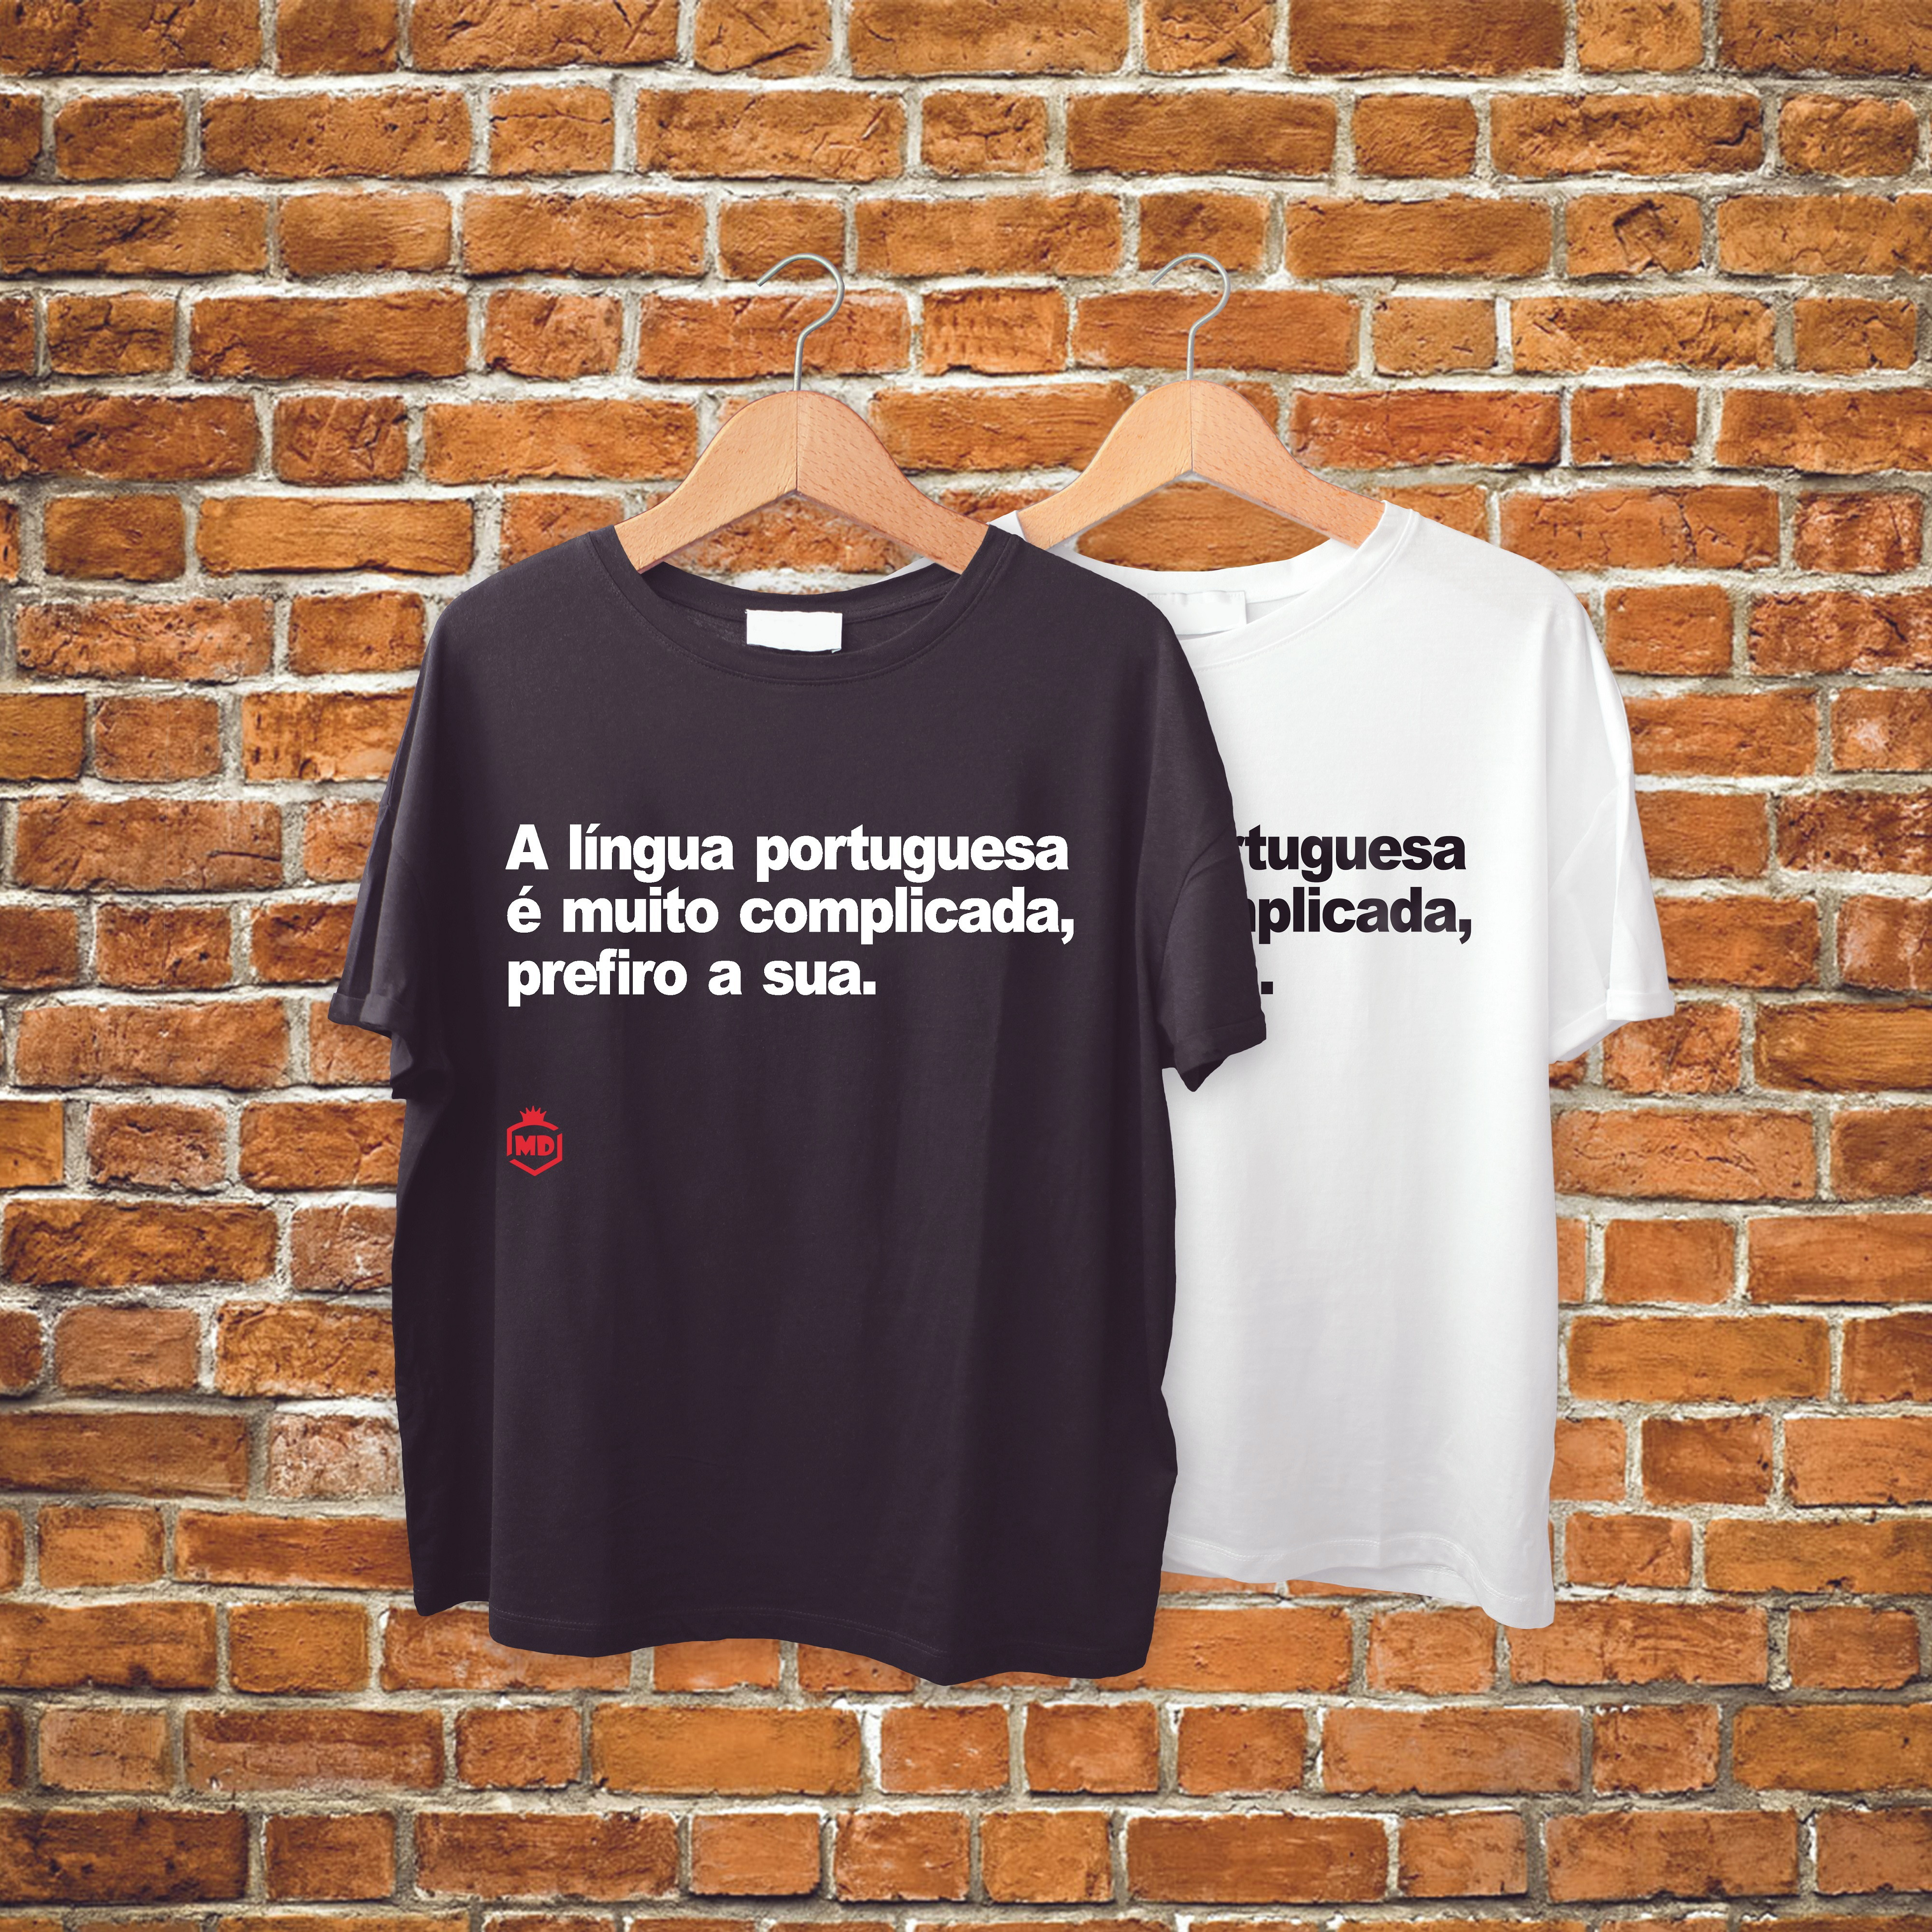 fca72e8f27 Camisetas com Frases - Coleção de Mundo Dukas ( mundodukas)